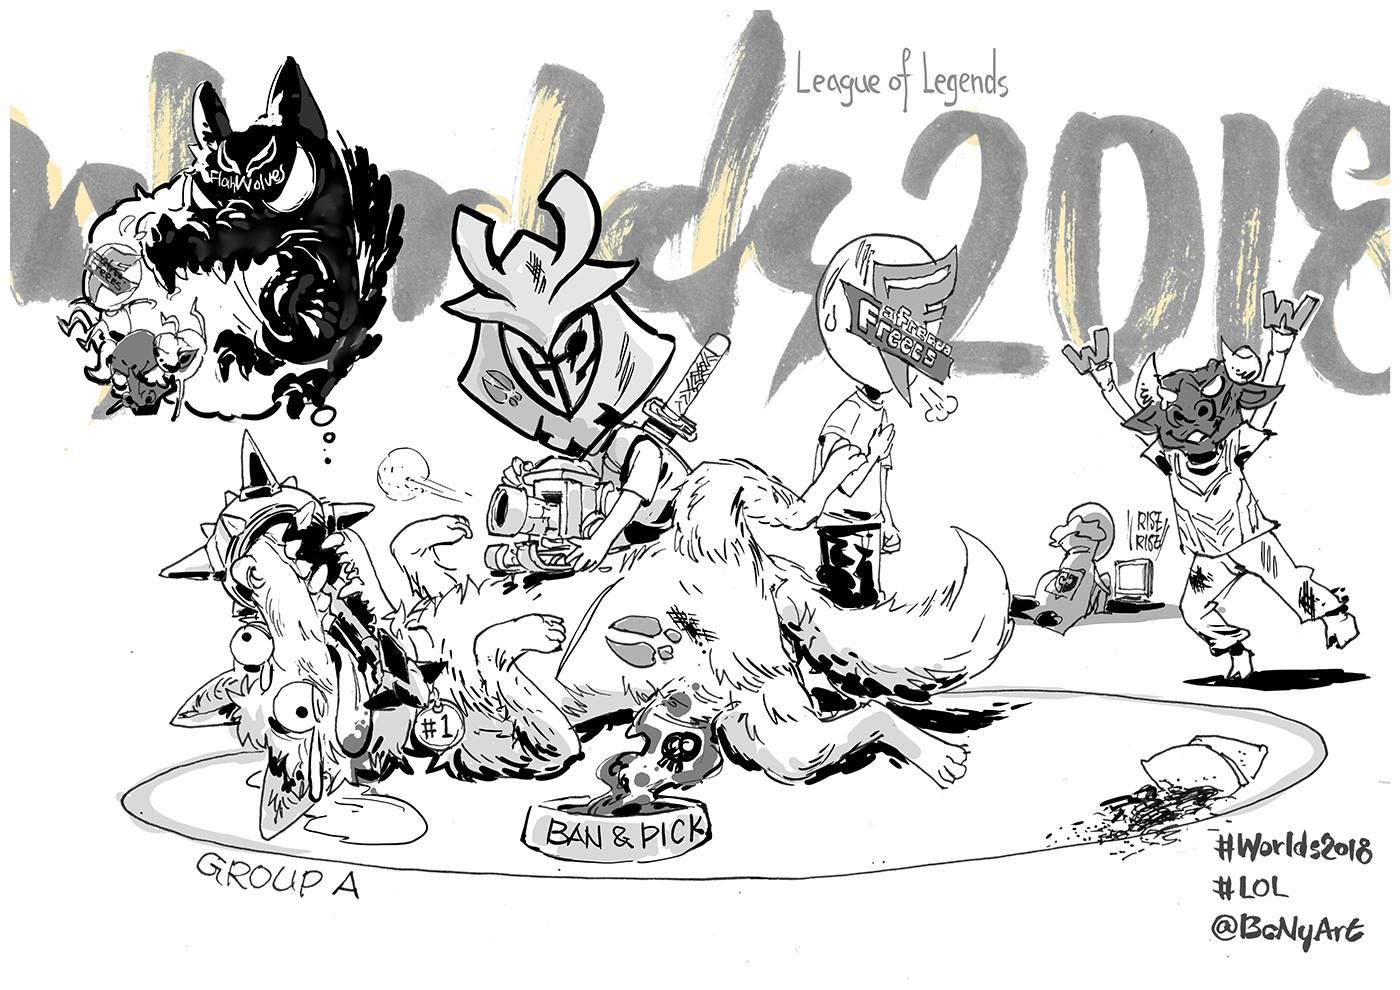 小组赛A组漫画出炉 满满的心疼闪电狼